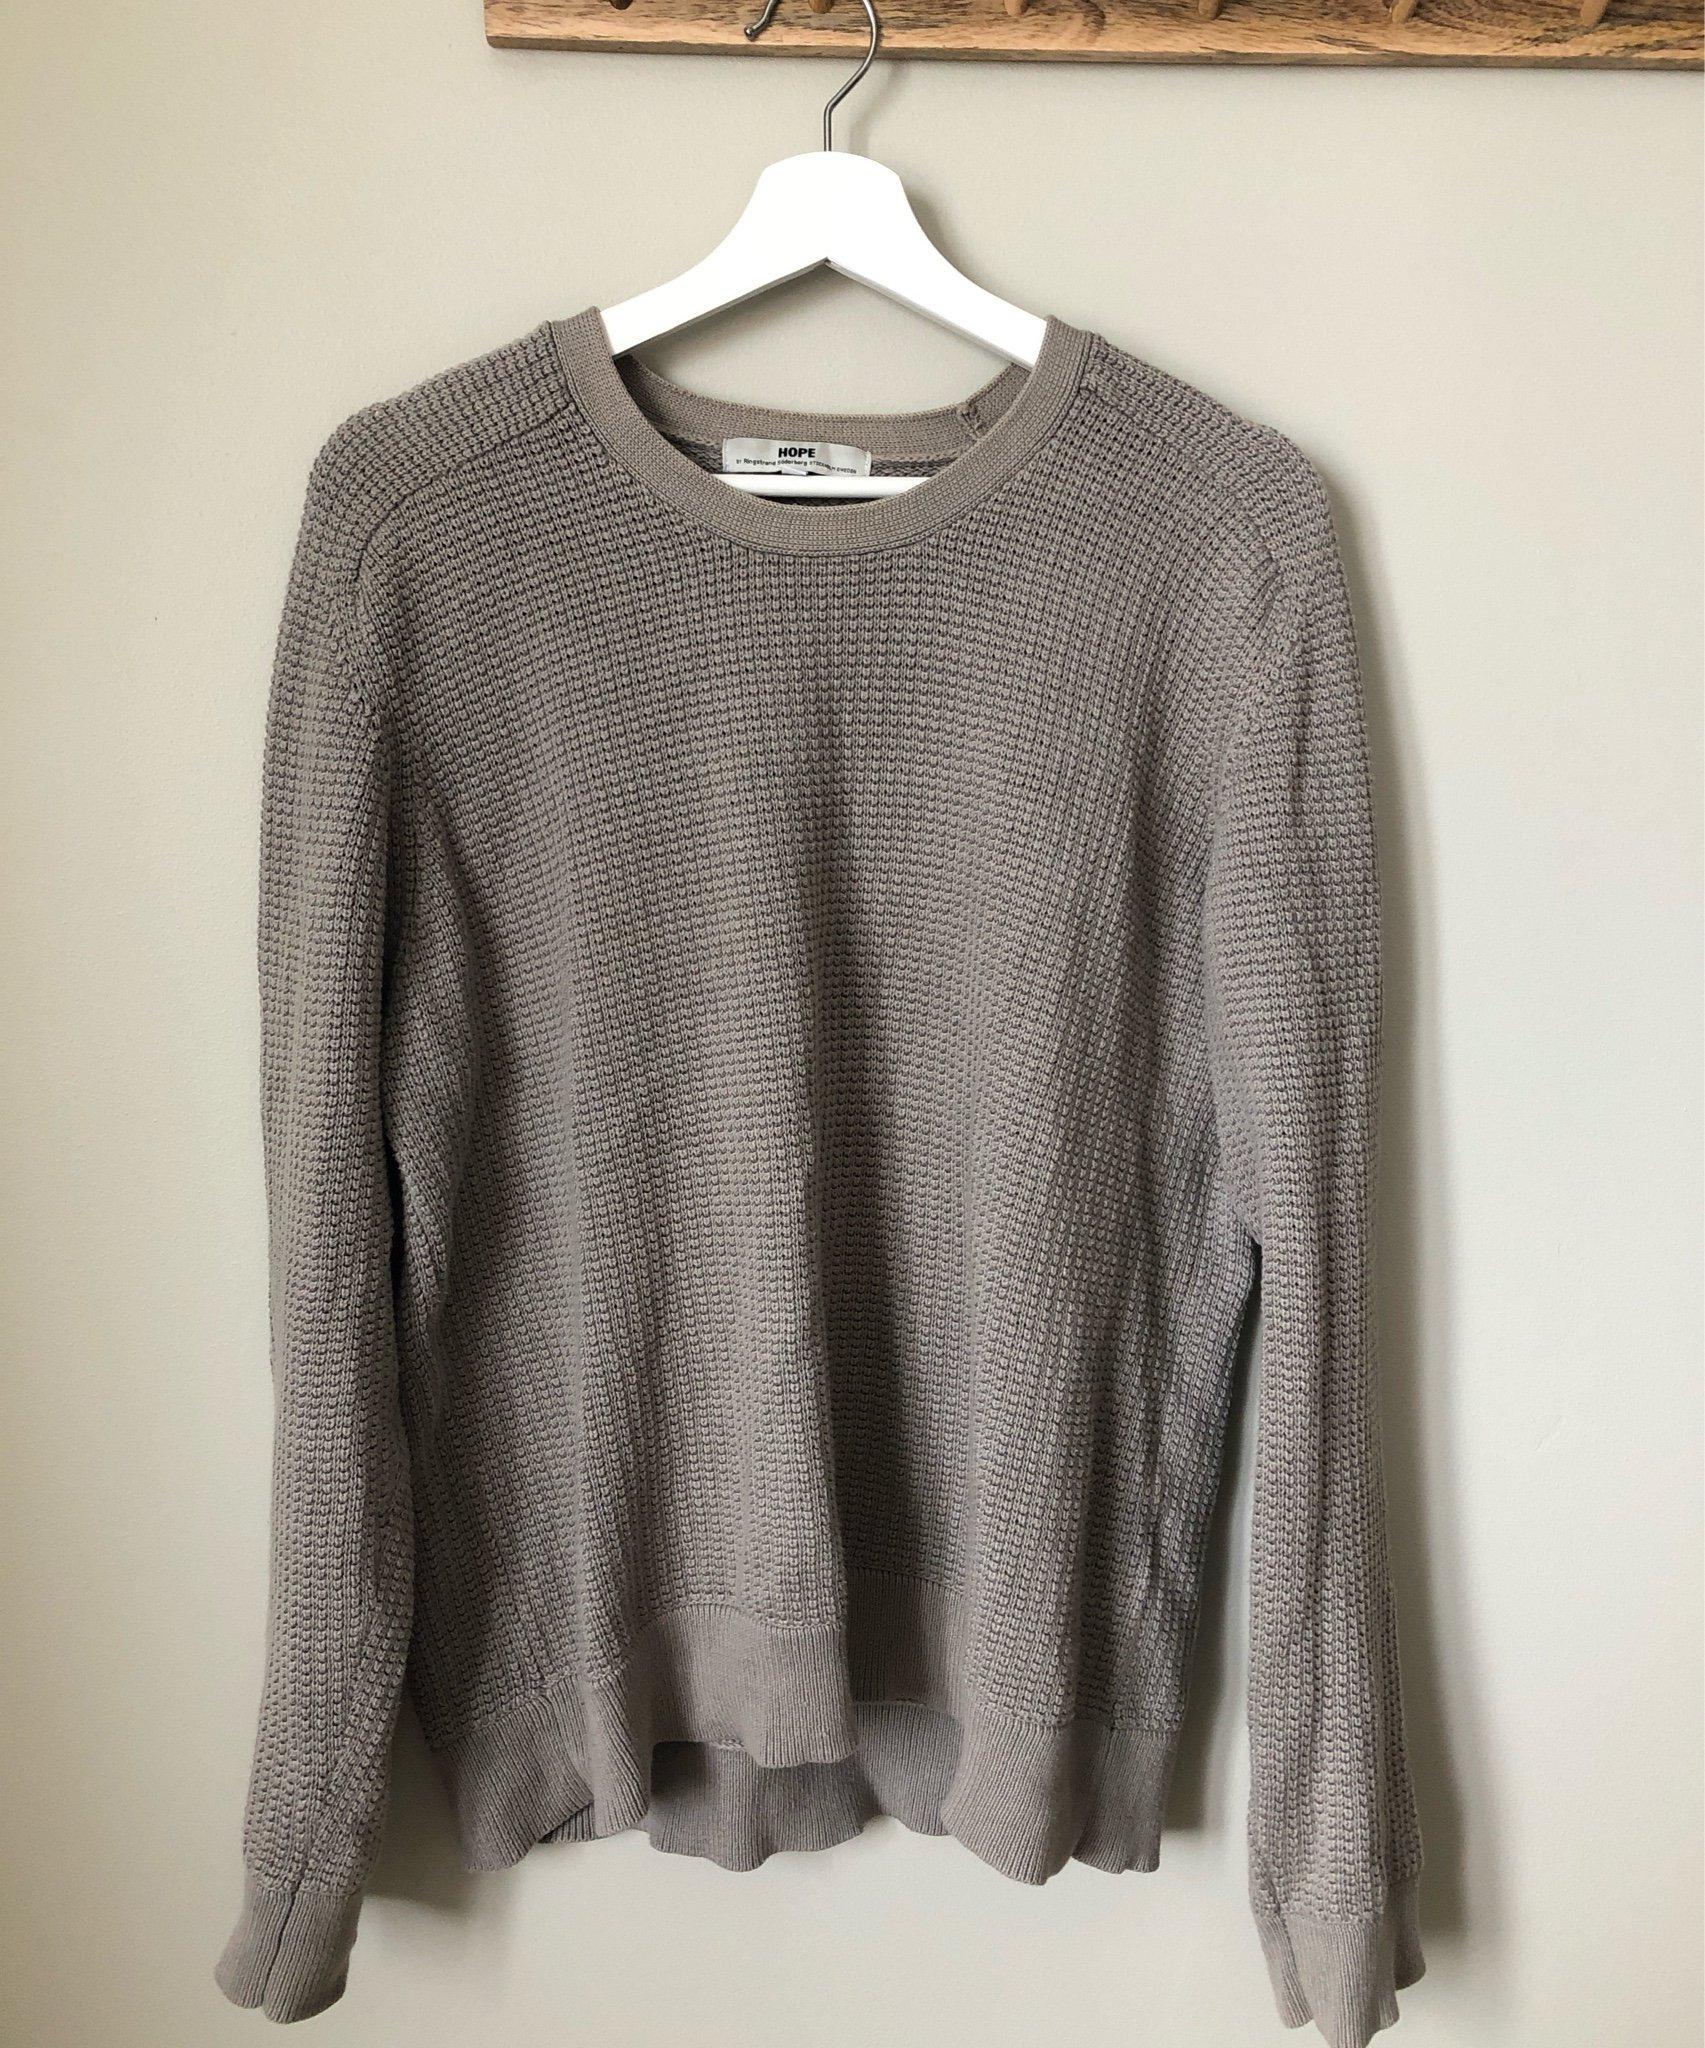 Beige stickad tröja från HOPE by Ringstrand Söderberg